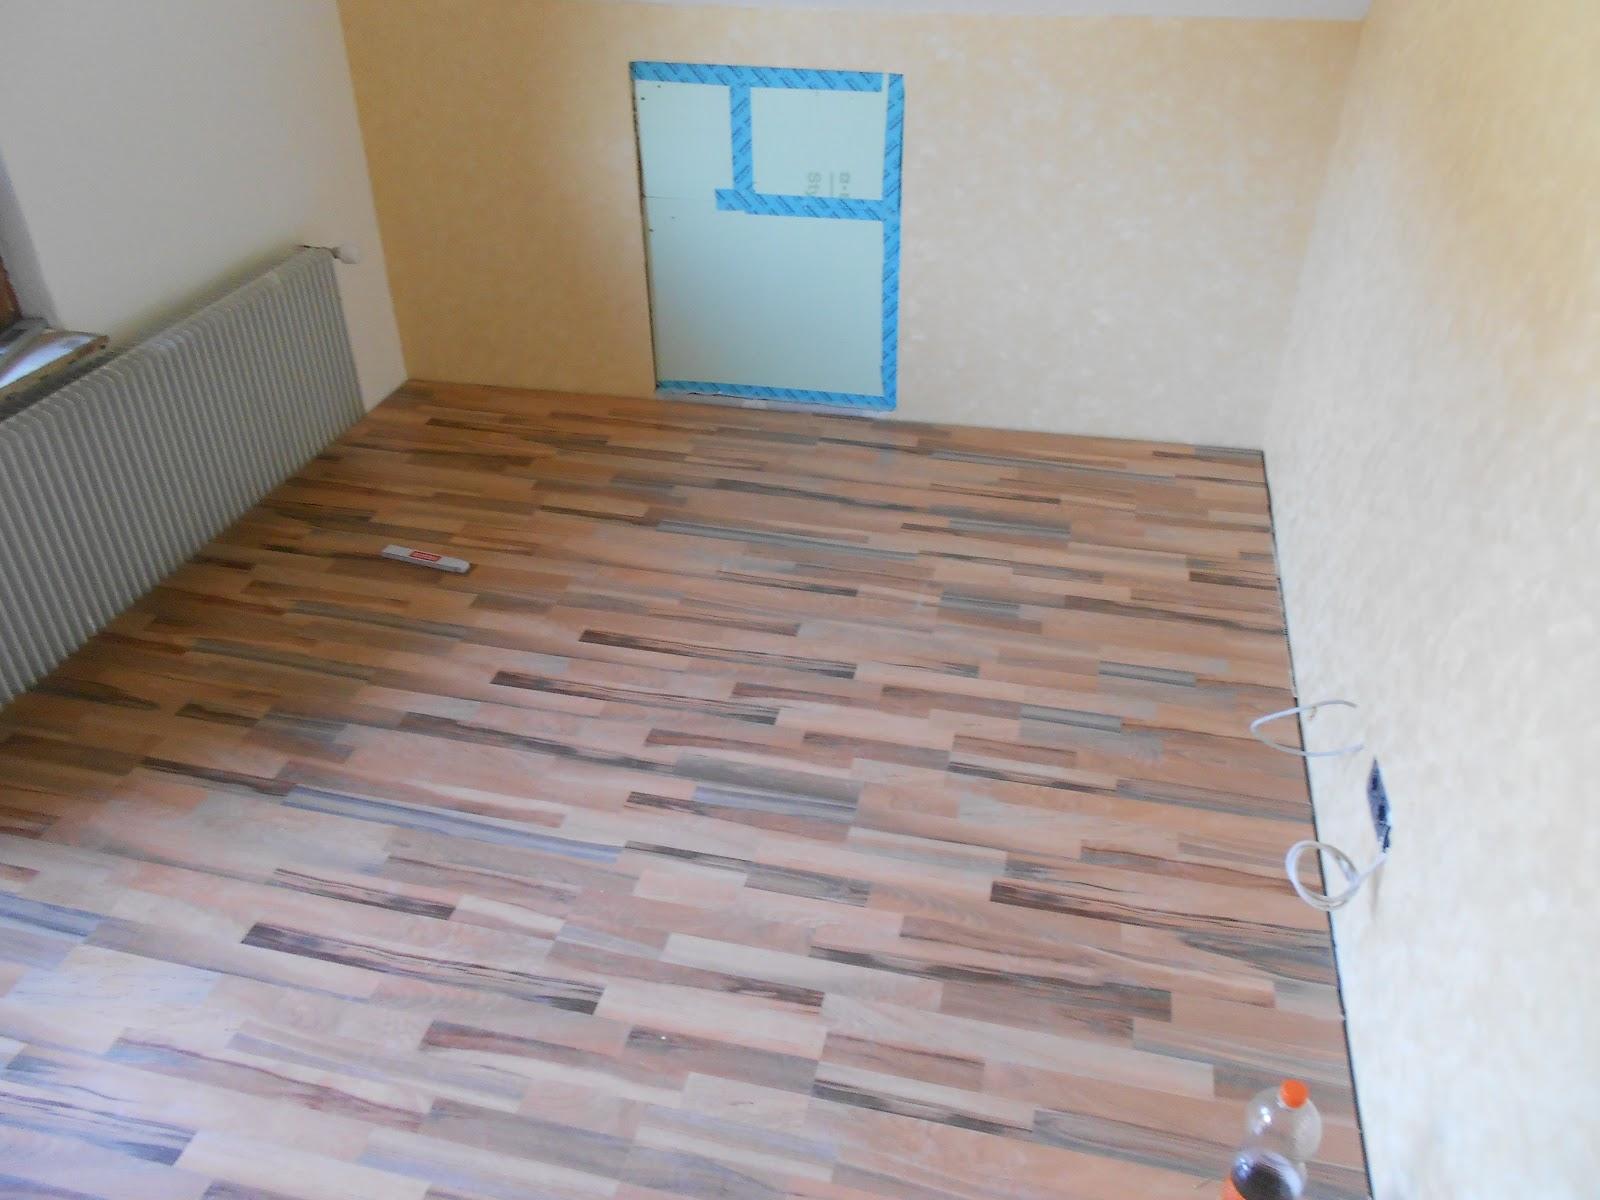 mein h usle laminat in kinderzimmer. Black Bedroom Furniture Sets. Home Design Ideas